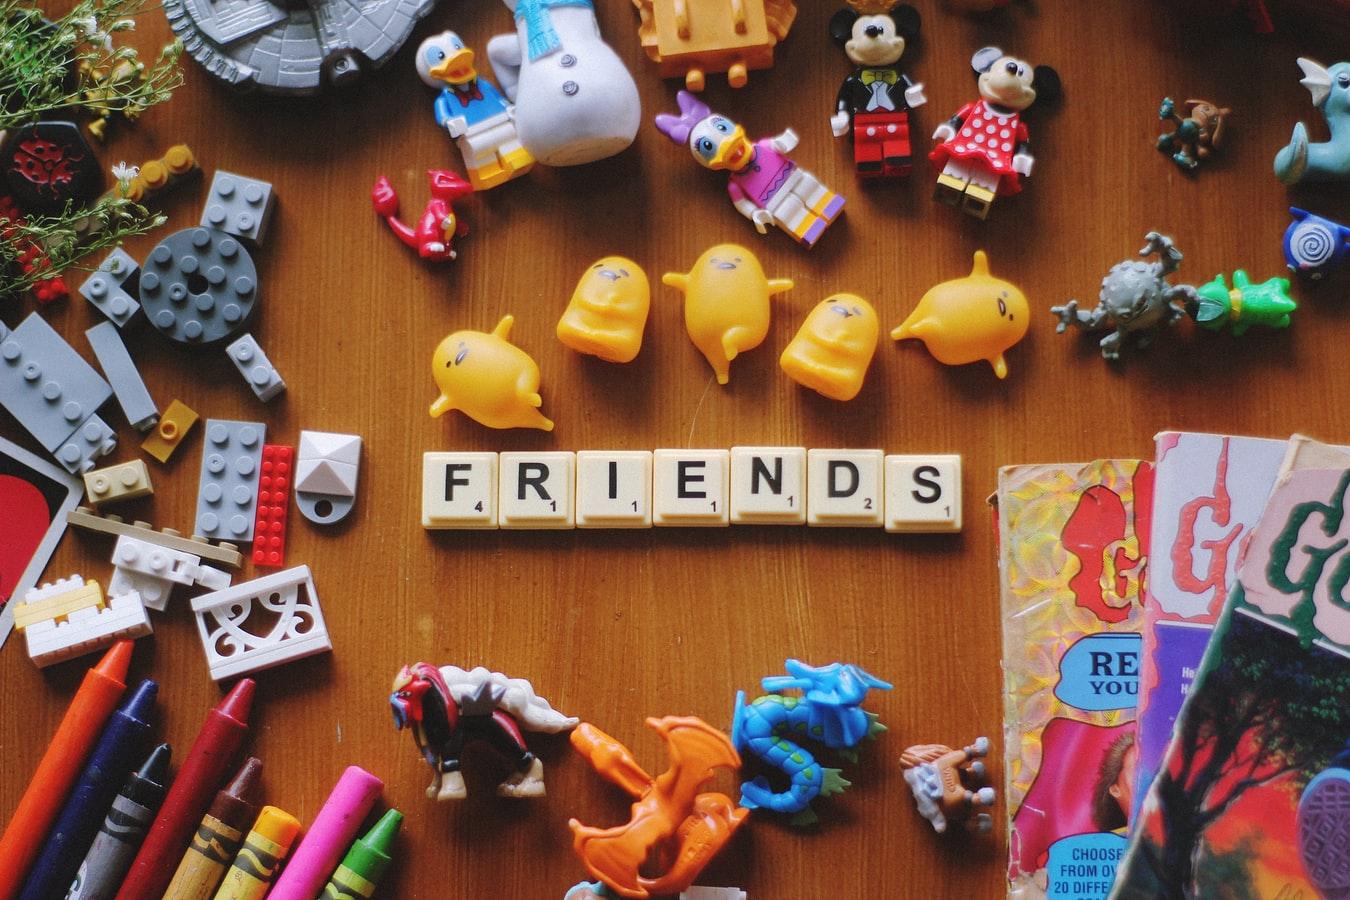 friends in scrabble tile